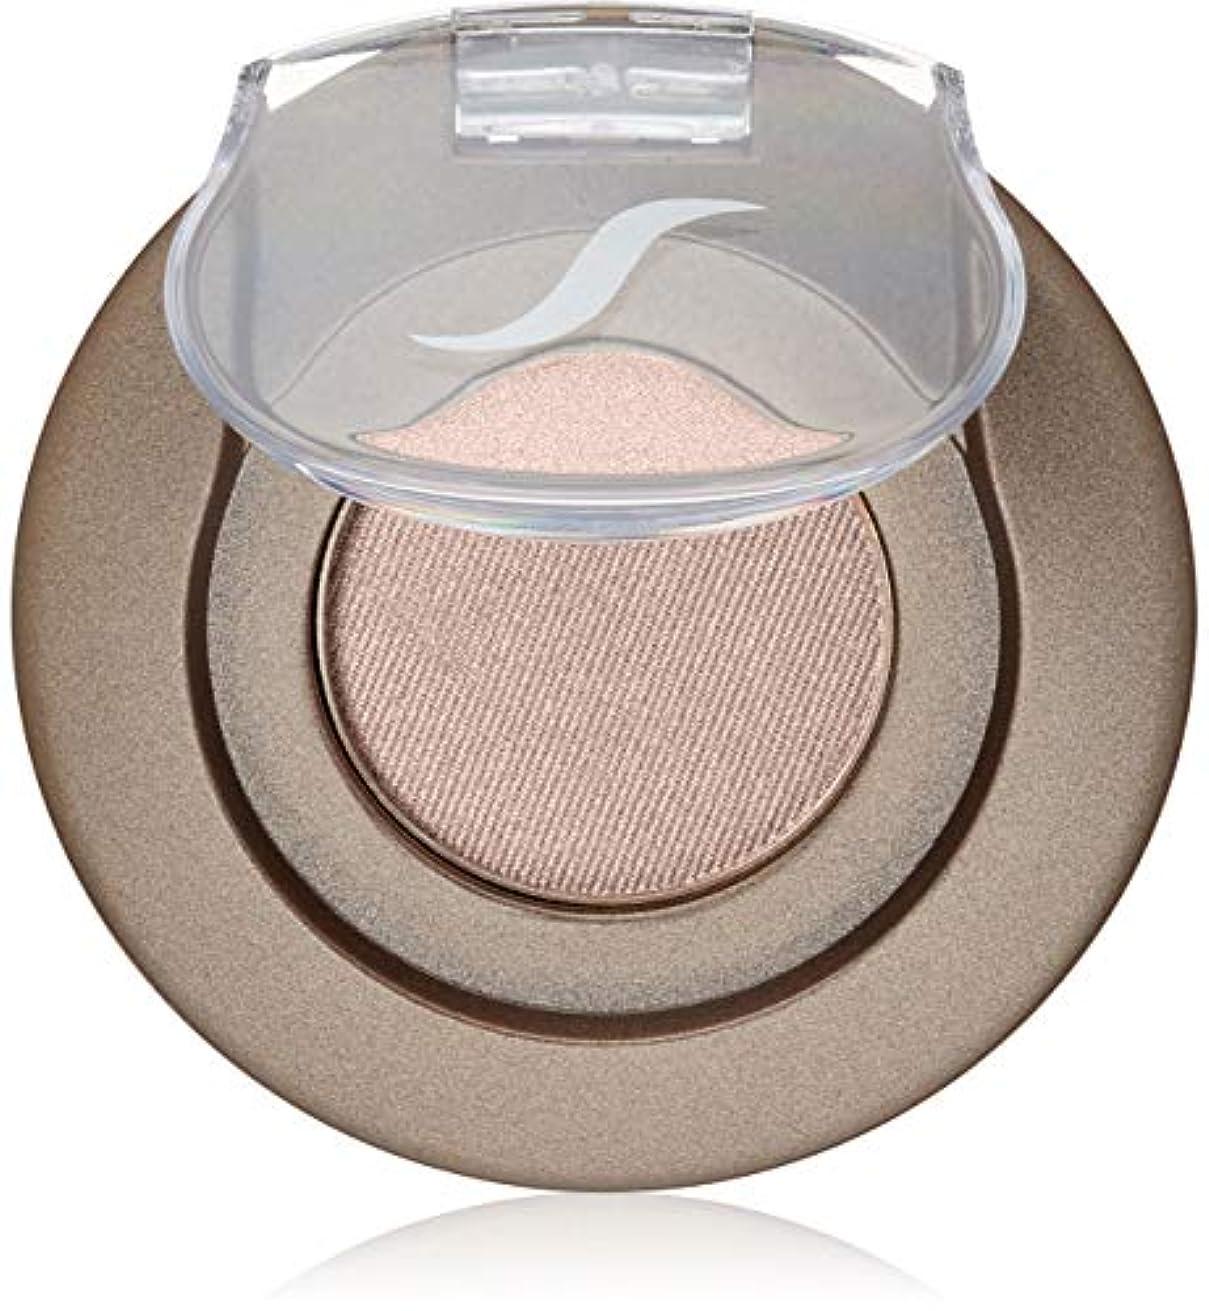 カテゴリー運搬ハイジャックSorme' Treatment Cosmetics Sorme化粧品ミネラルボタニカルアイシャドー、0.05オンス 0.05オンス フラッシュ